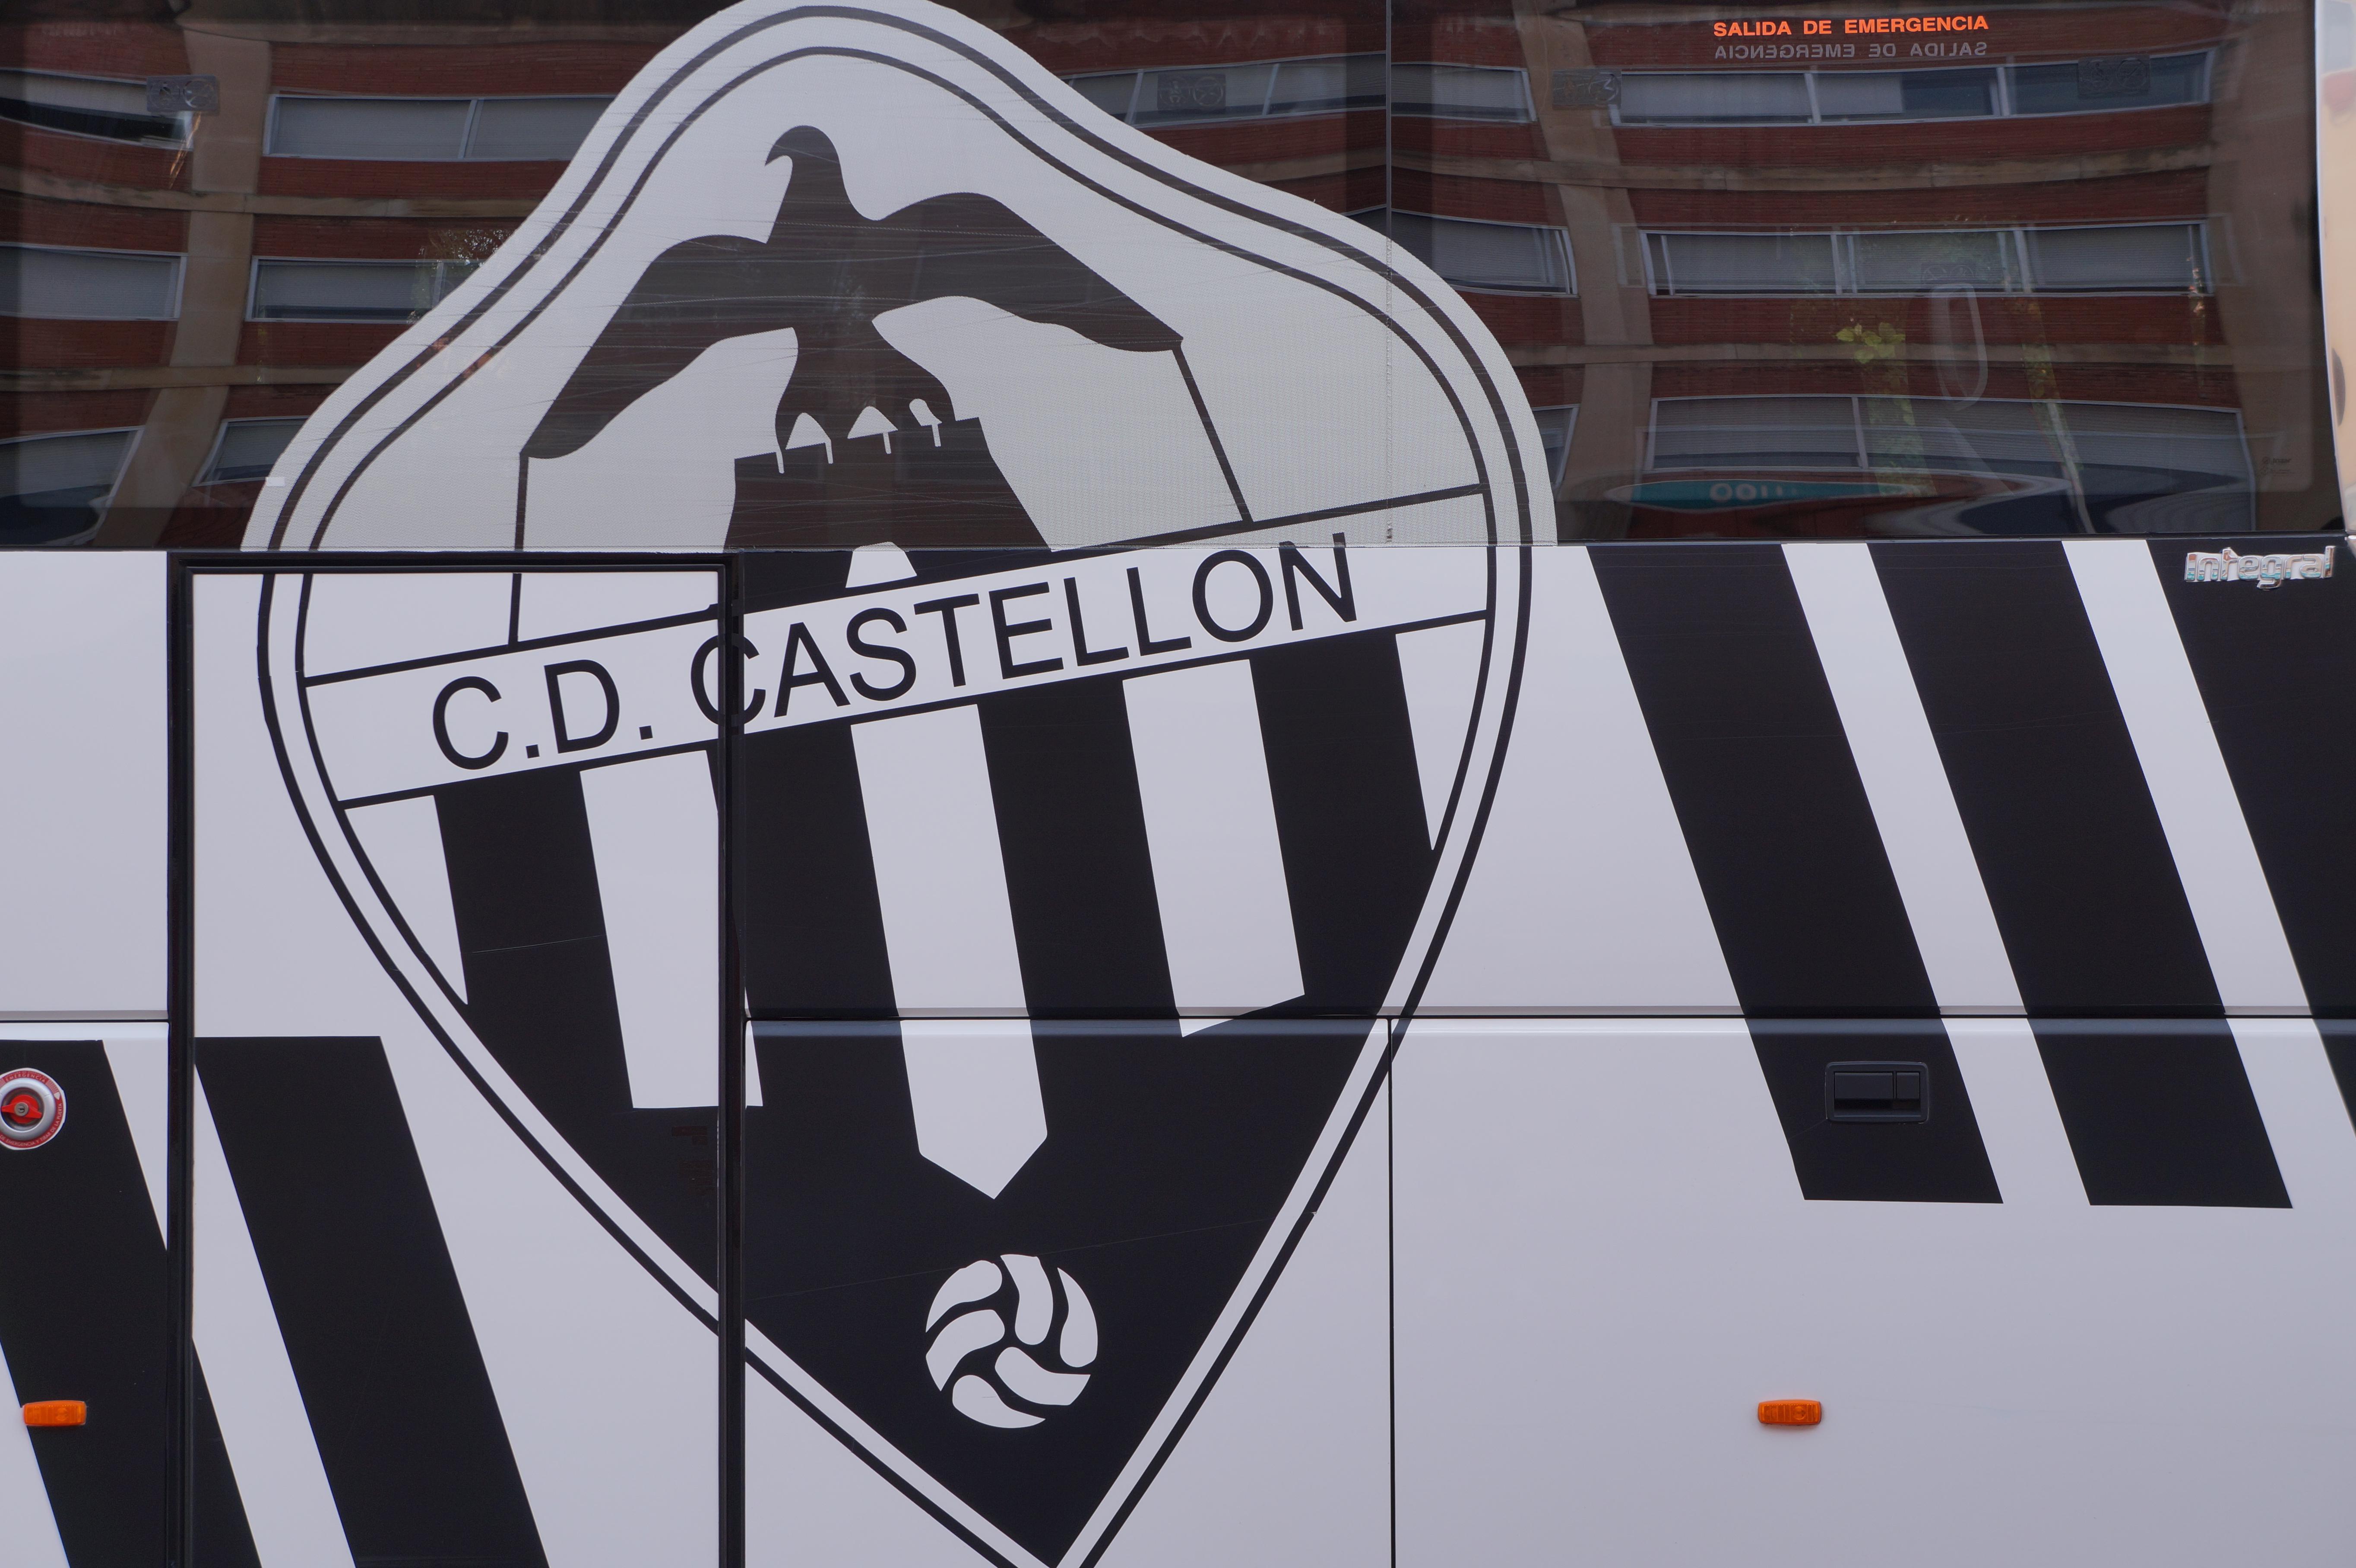 Cd castellon teruel